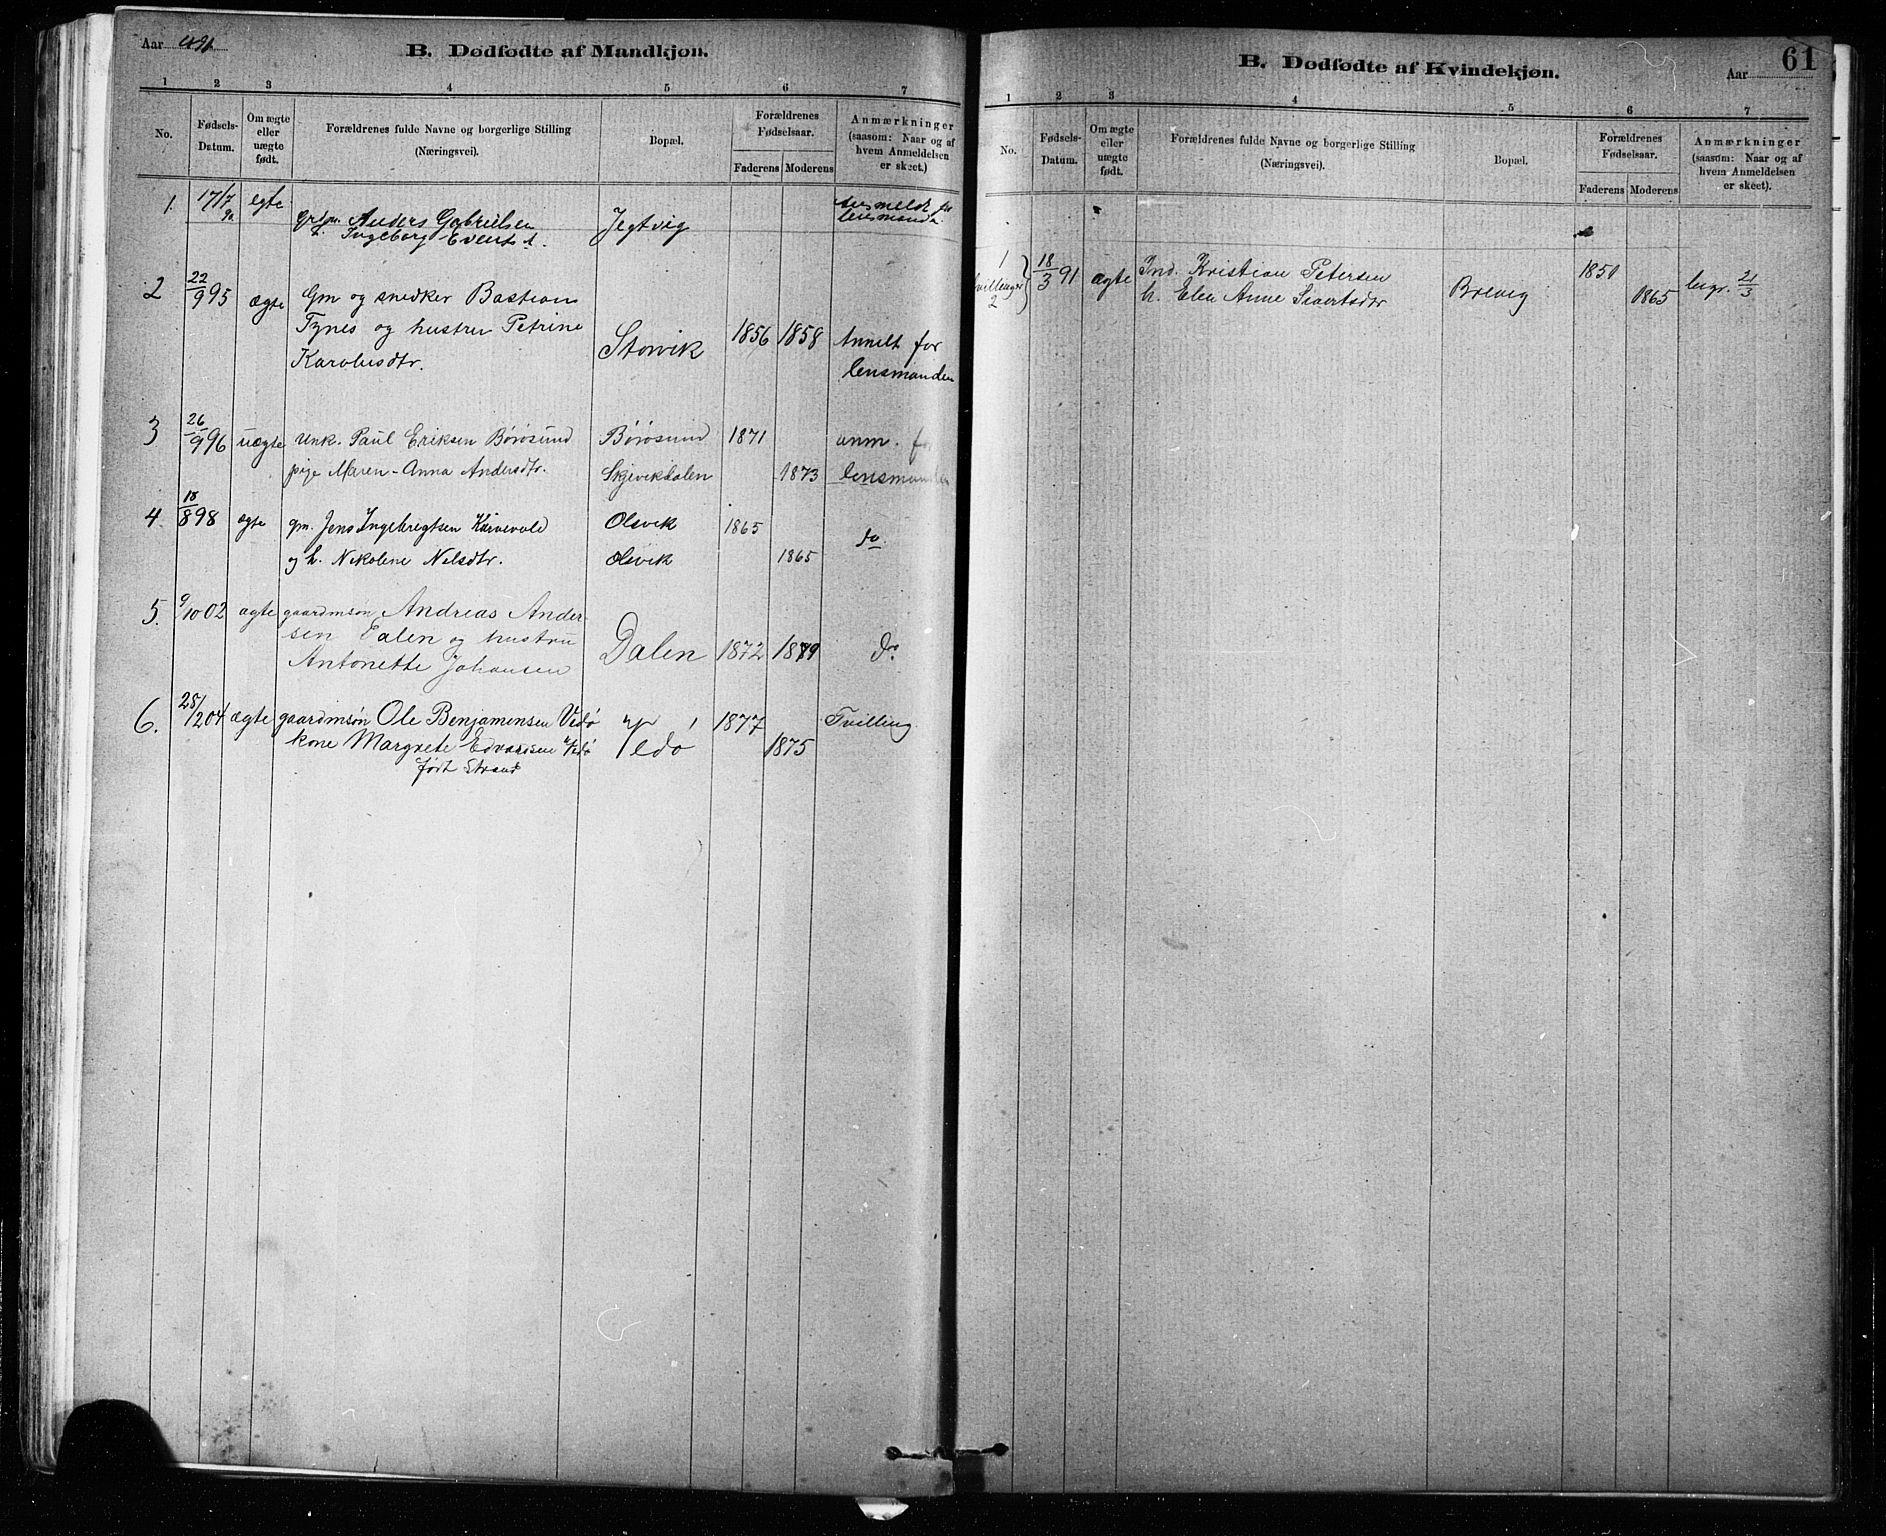 SAT, Ministerialprotokoller, klokkerbøker og fødselsregistre - Sør-Trøndelag, 639/L0573: Klokkerbok nr. 639C01, 1890-1905, s. 61